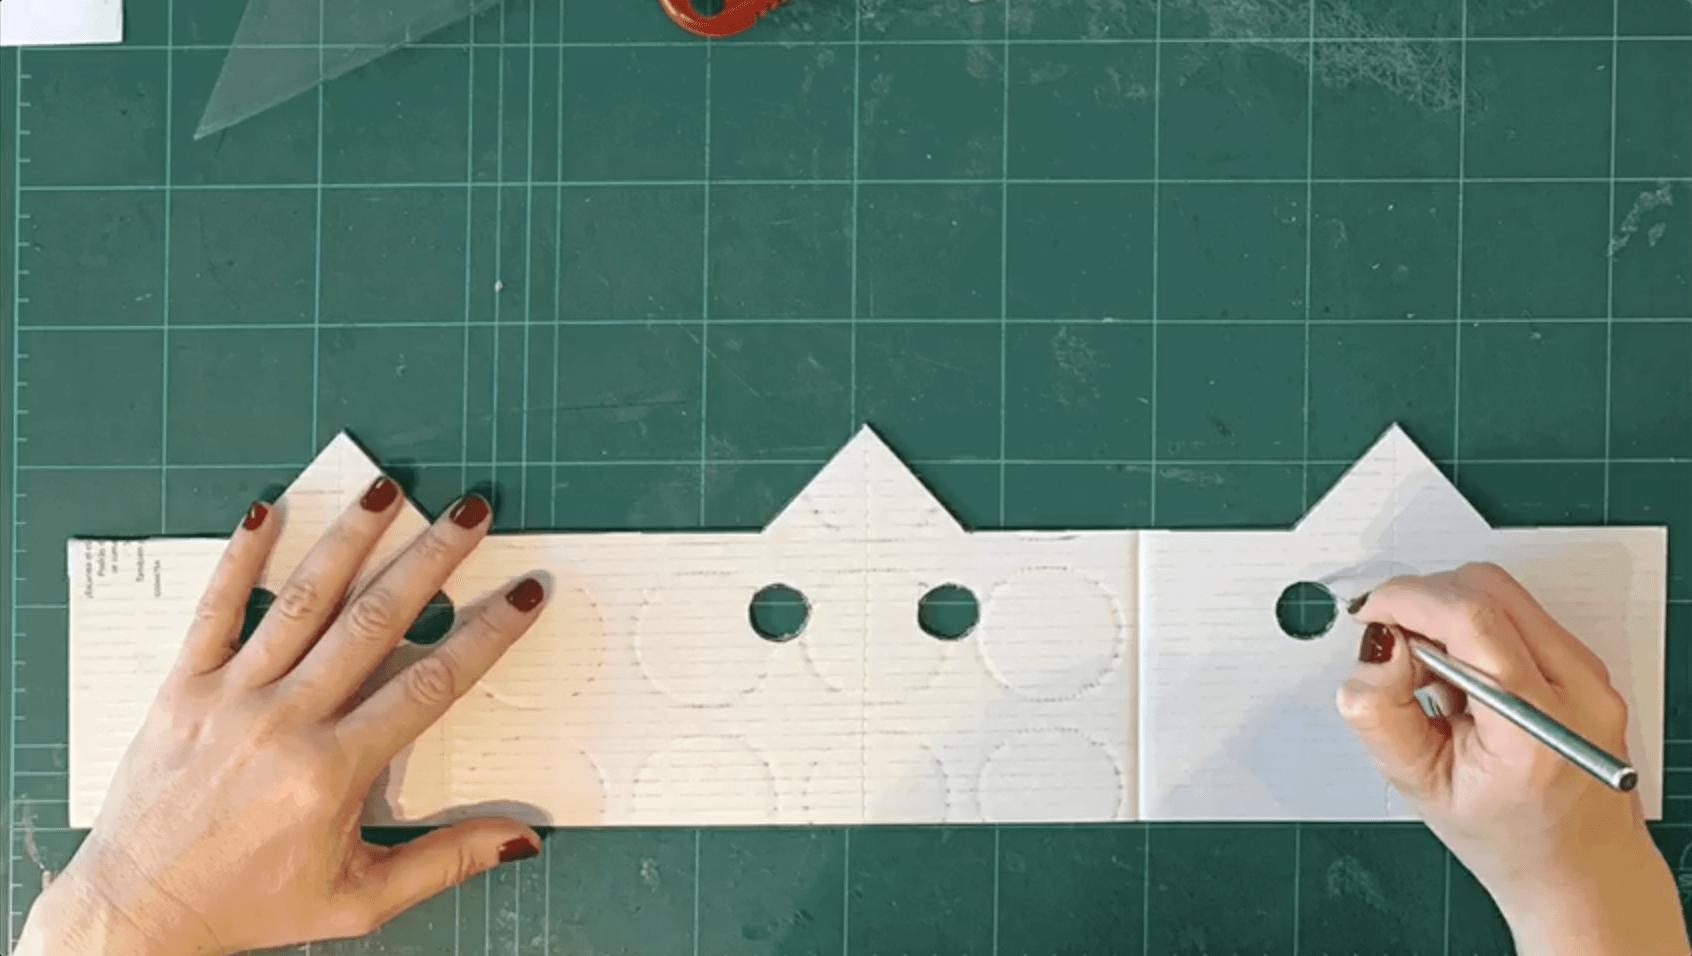 El Protector de manillas DIY que evita contagios que puedes construir gratis 63